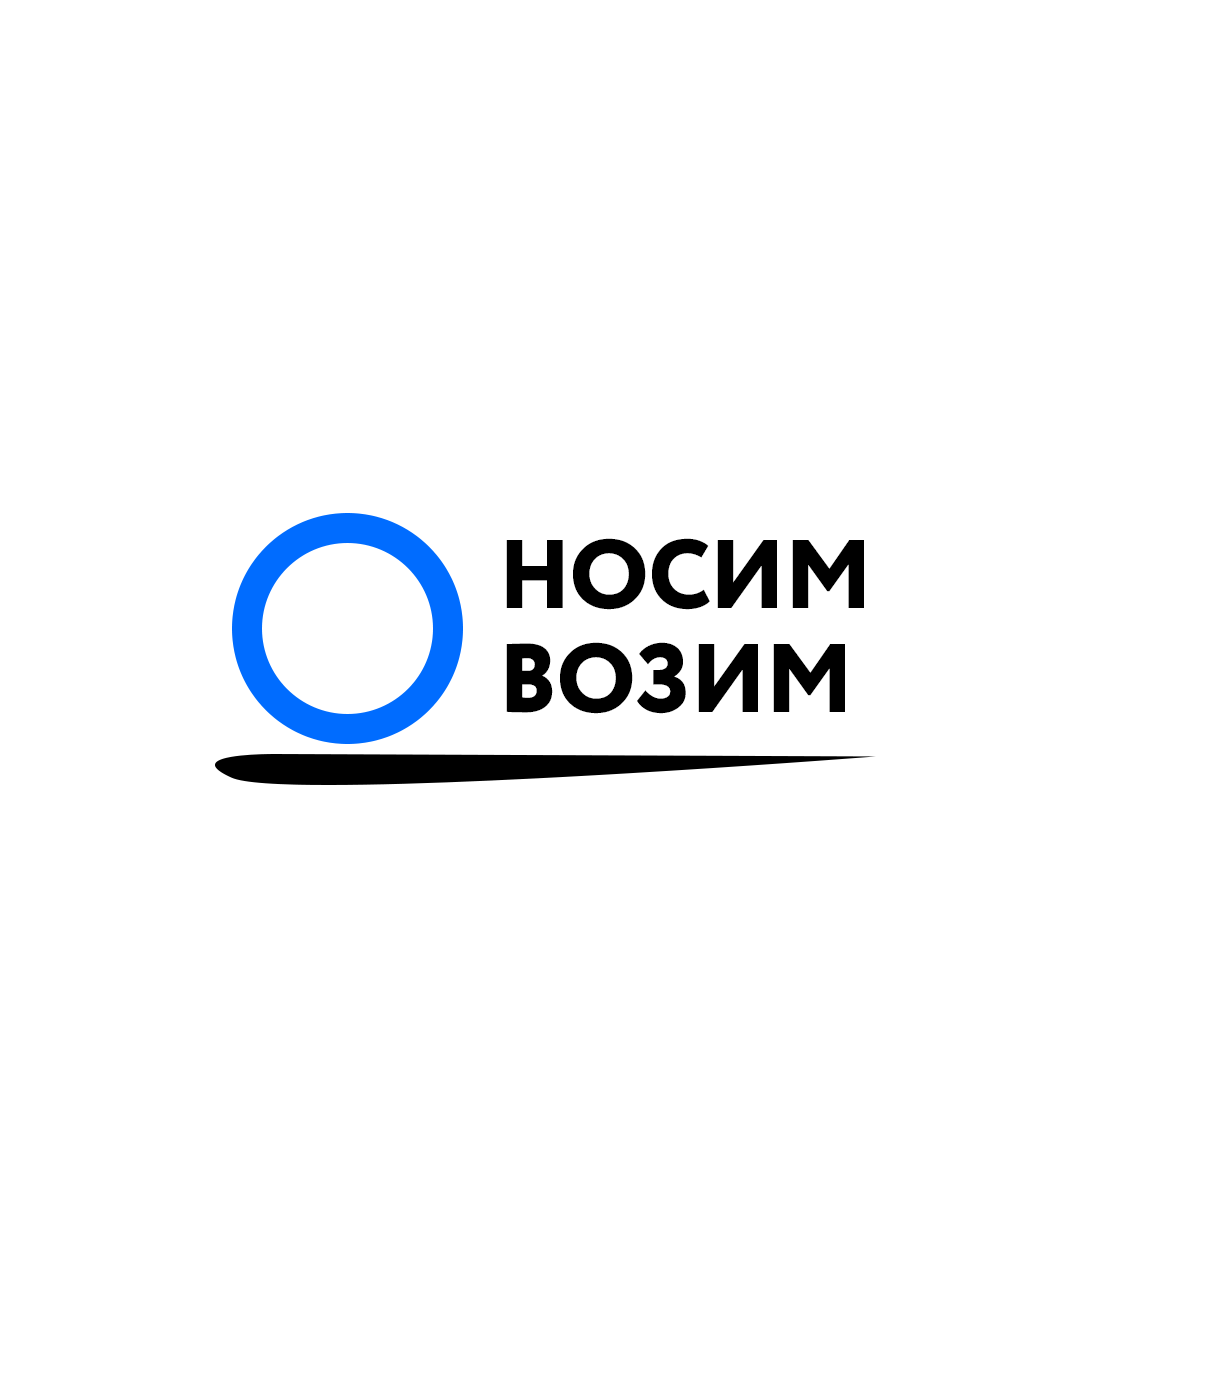 Логотип компании по перевозкам НосимВозим фото f_3765cf6940c74ef7.png